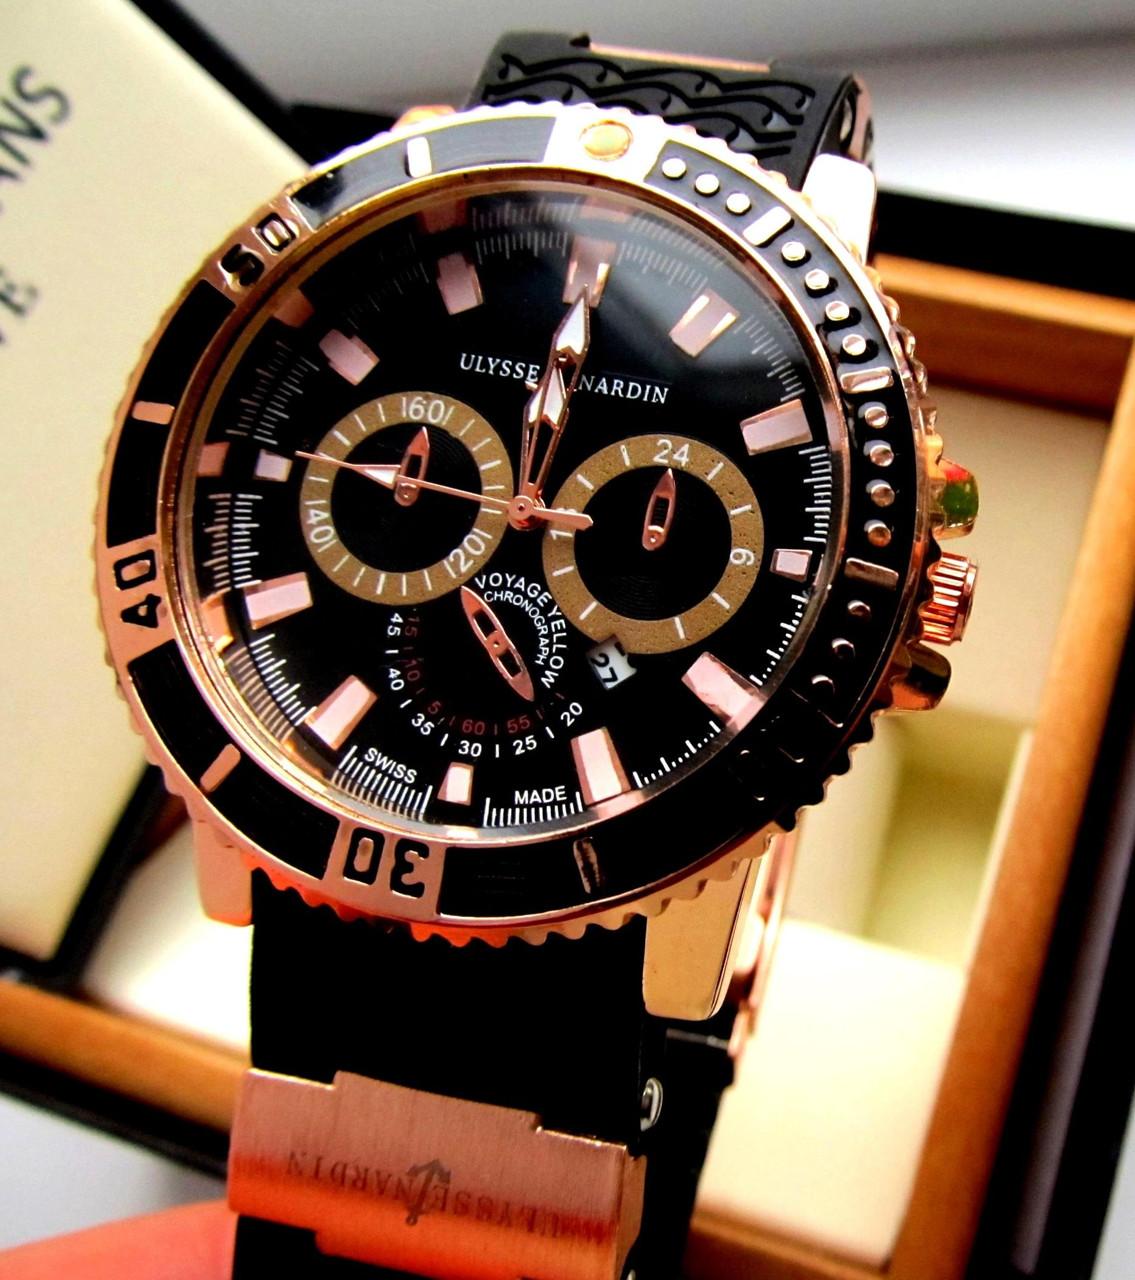 Купить часы мужские улисс нордин часы с кукушкой купить волгоград